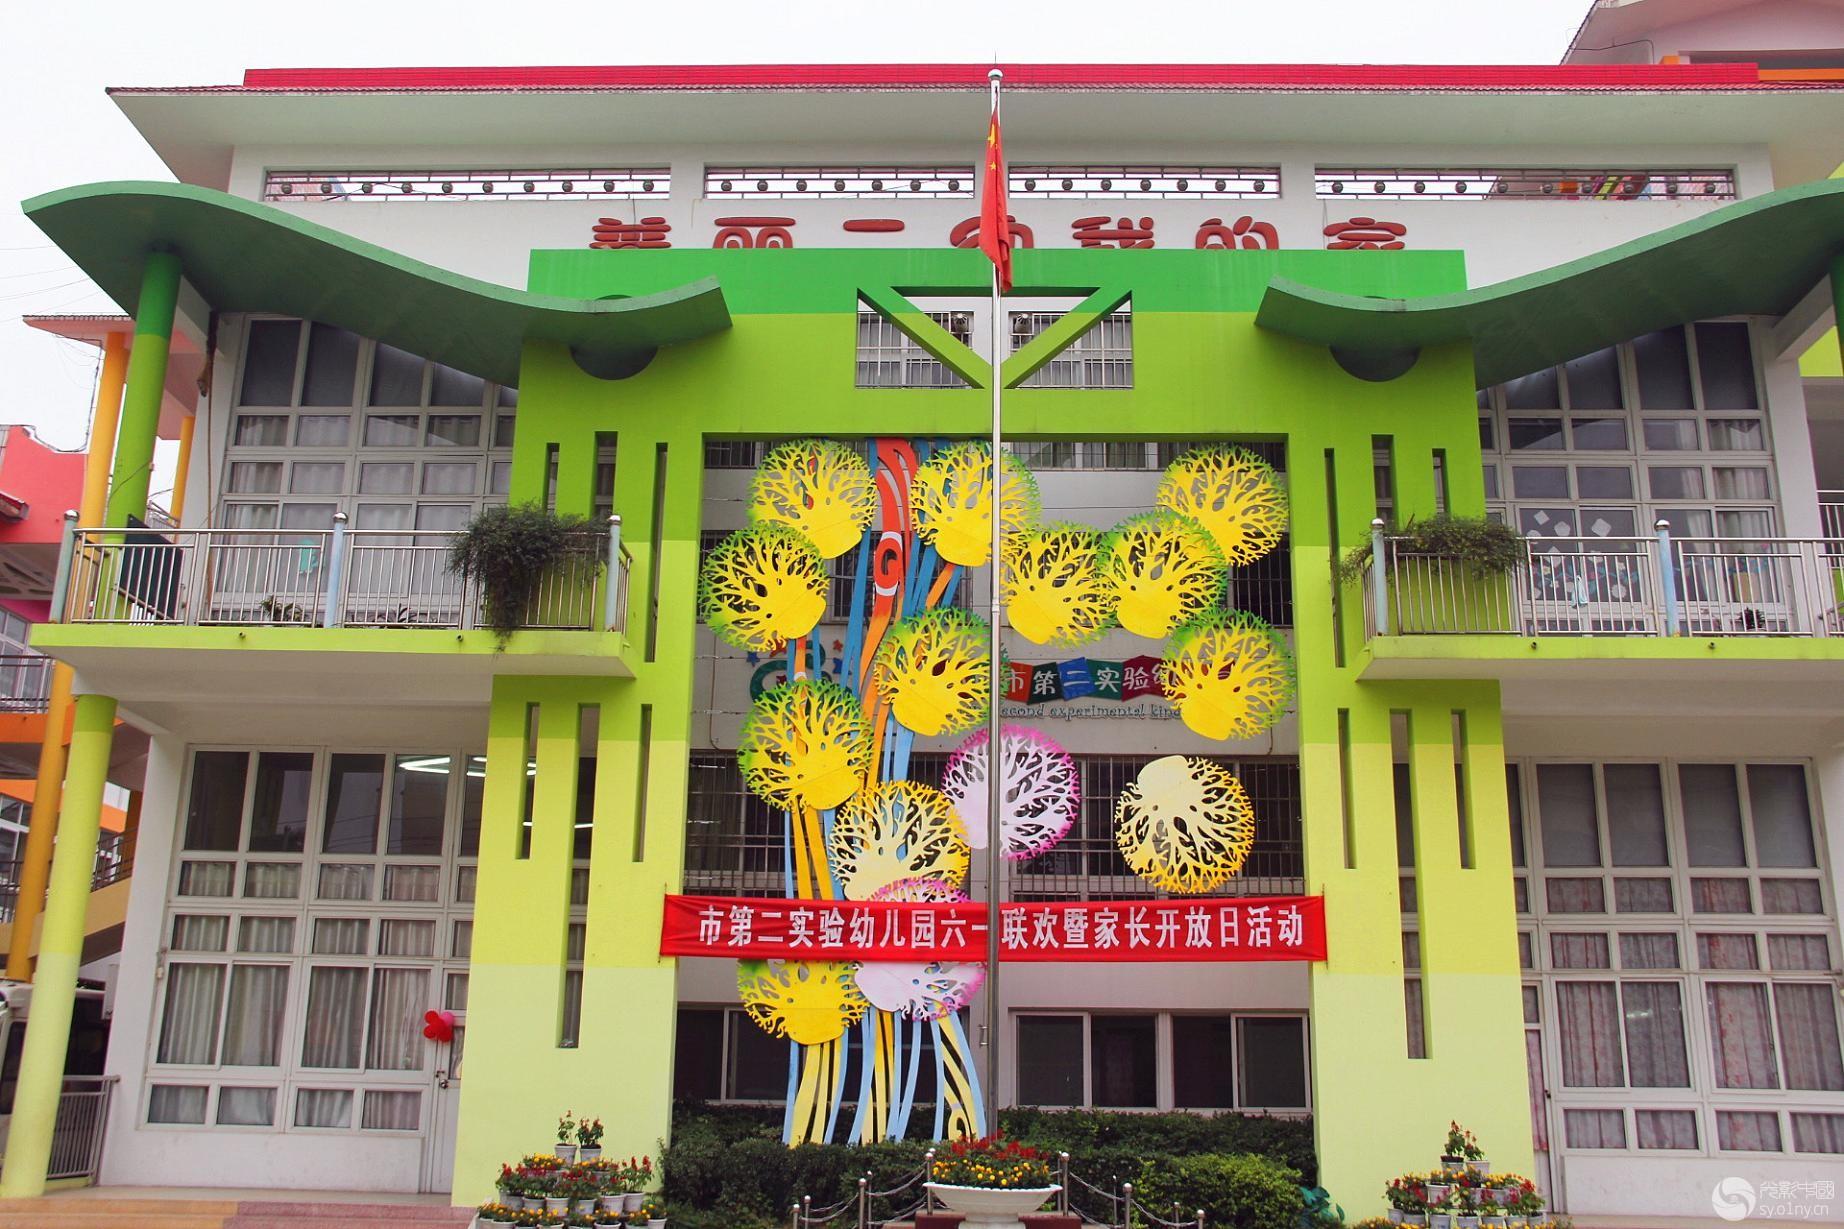 南阳市第二实验幼儿园六一联欢-人文纪实-光影中国网